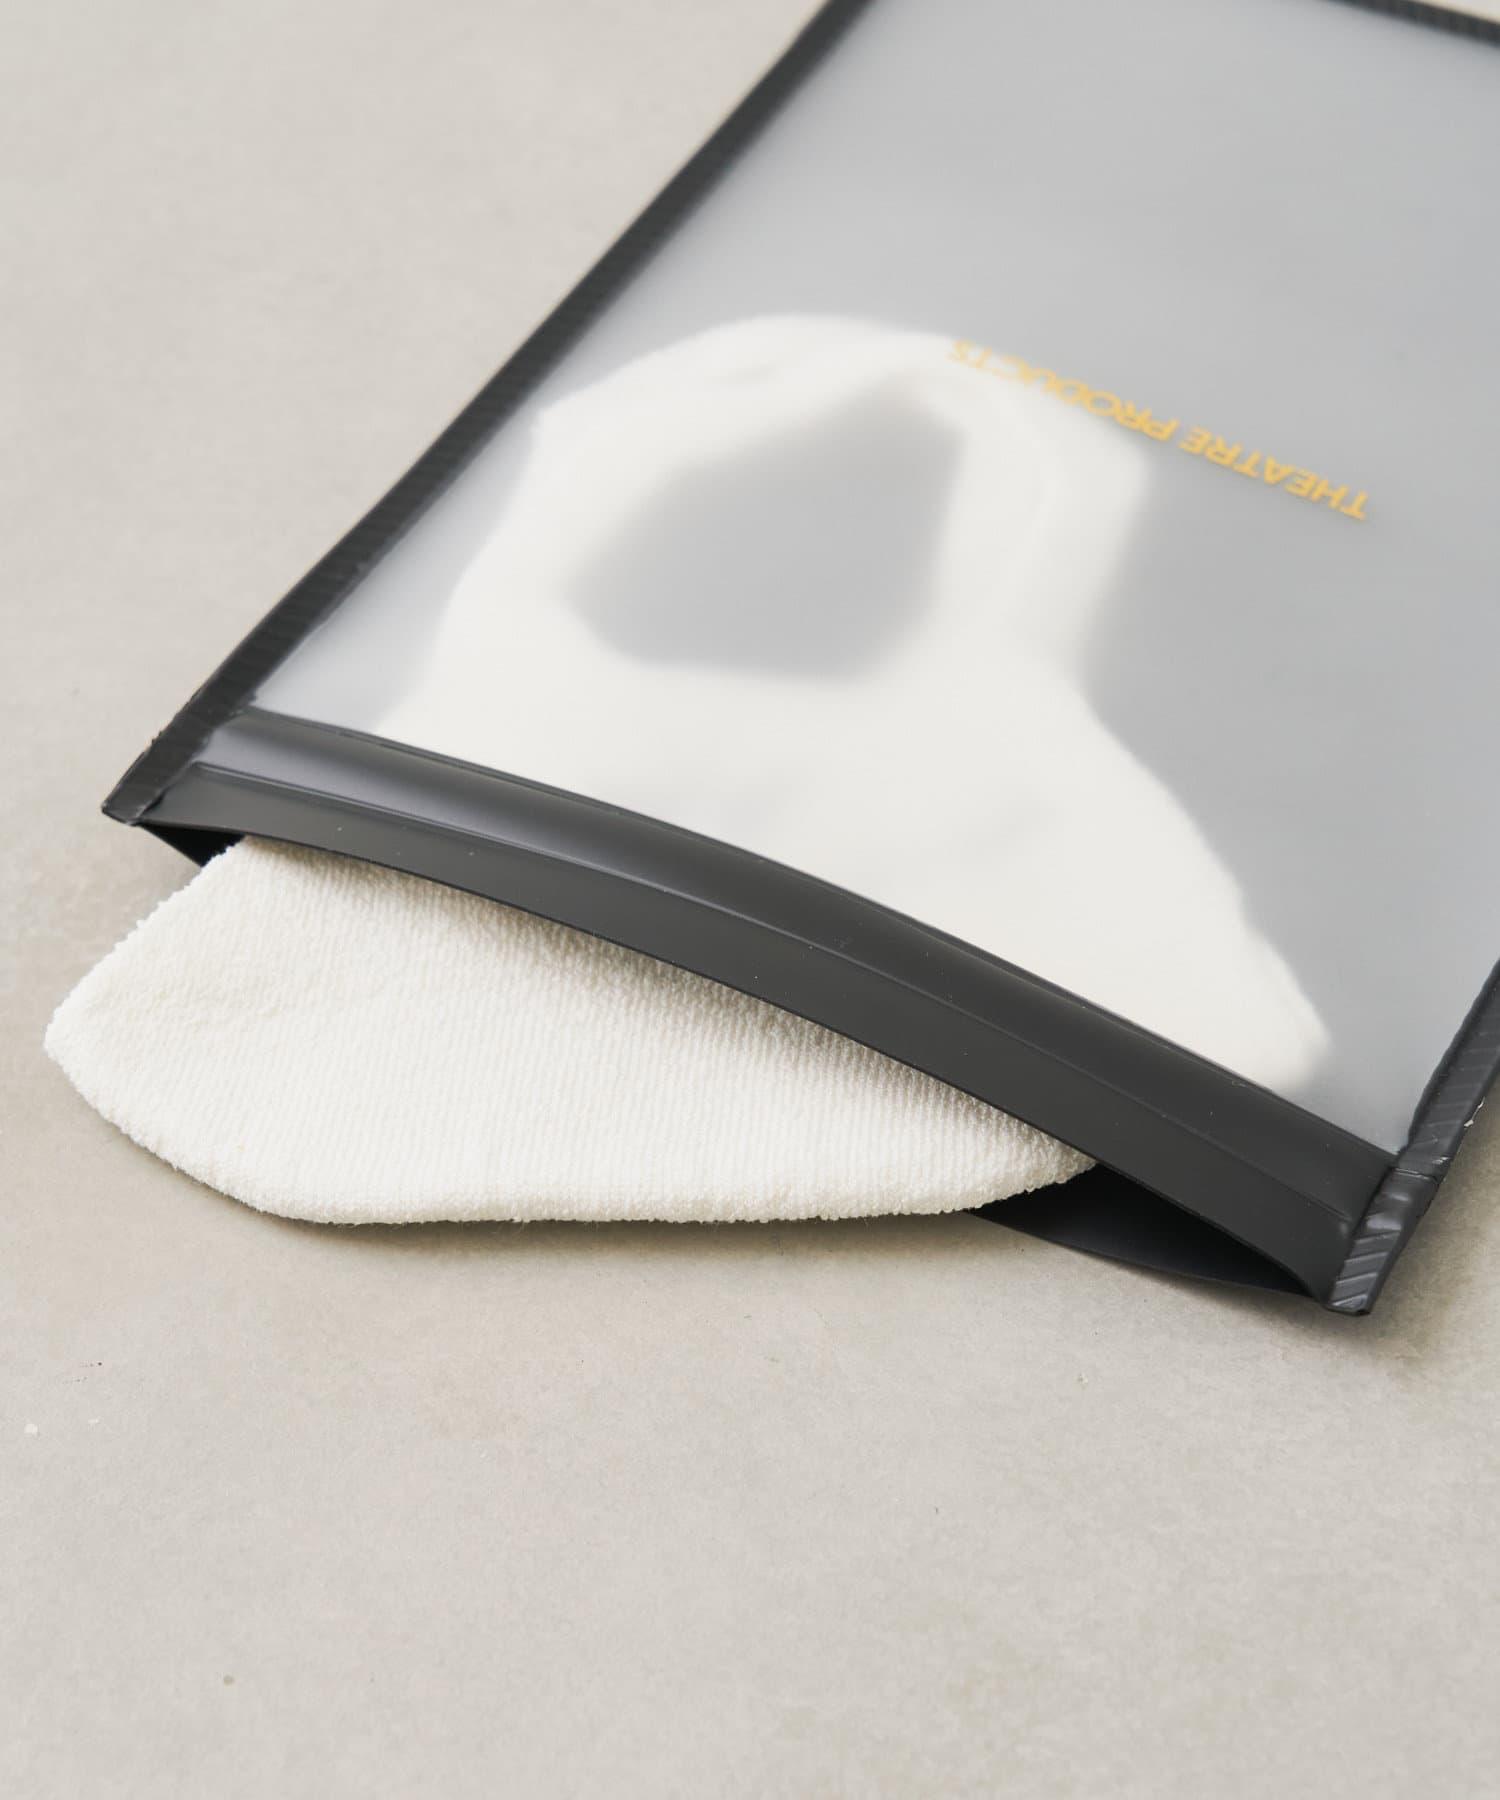 pual ce cin(ピュアルセシン) レディース 【WEB限定】THEATRE PRODUCTS マスクケース ブラック